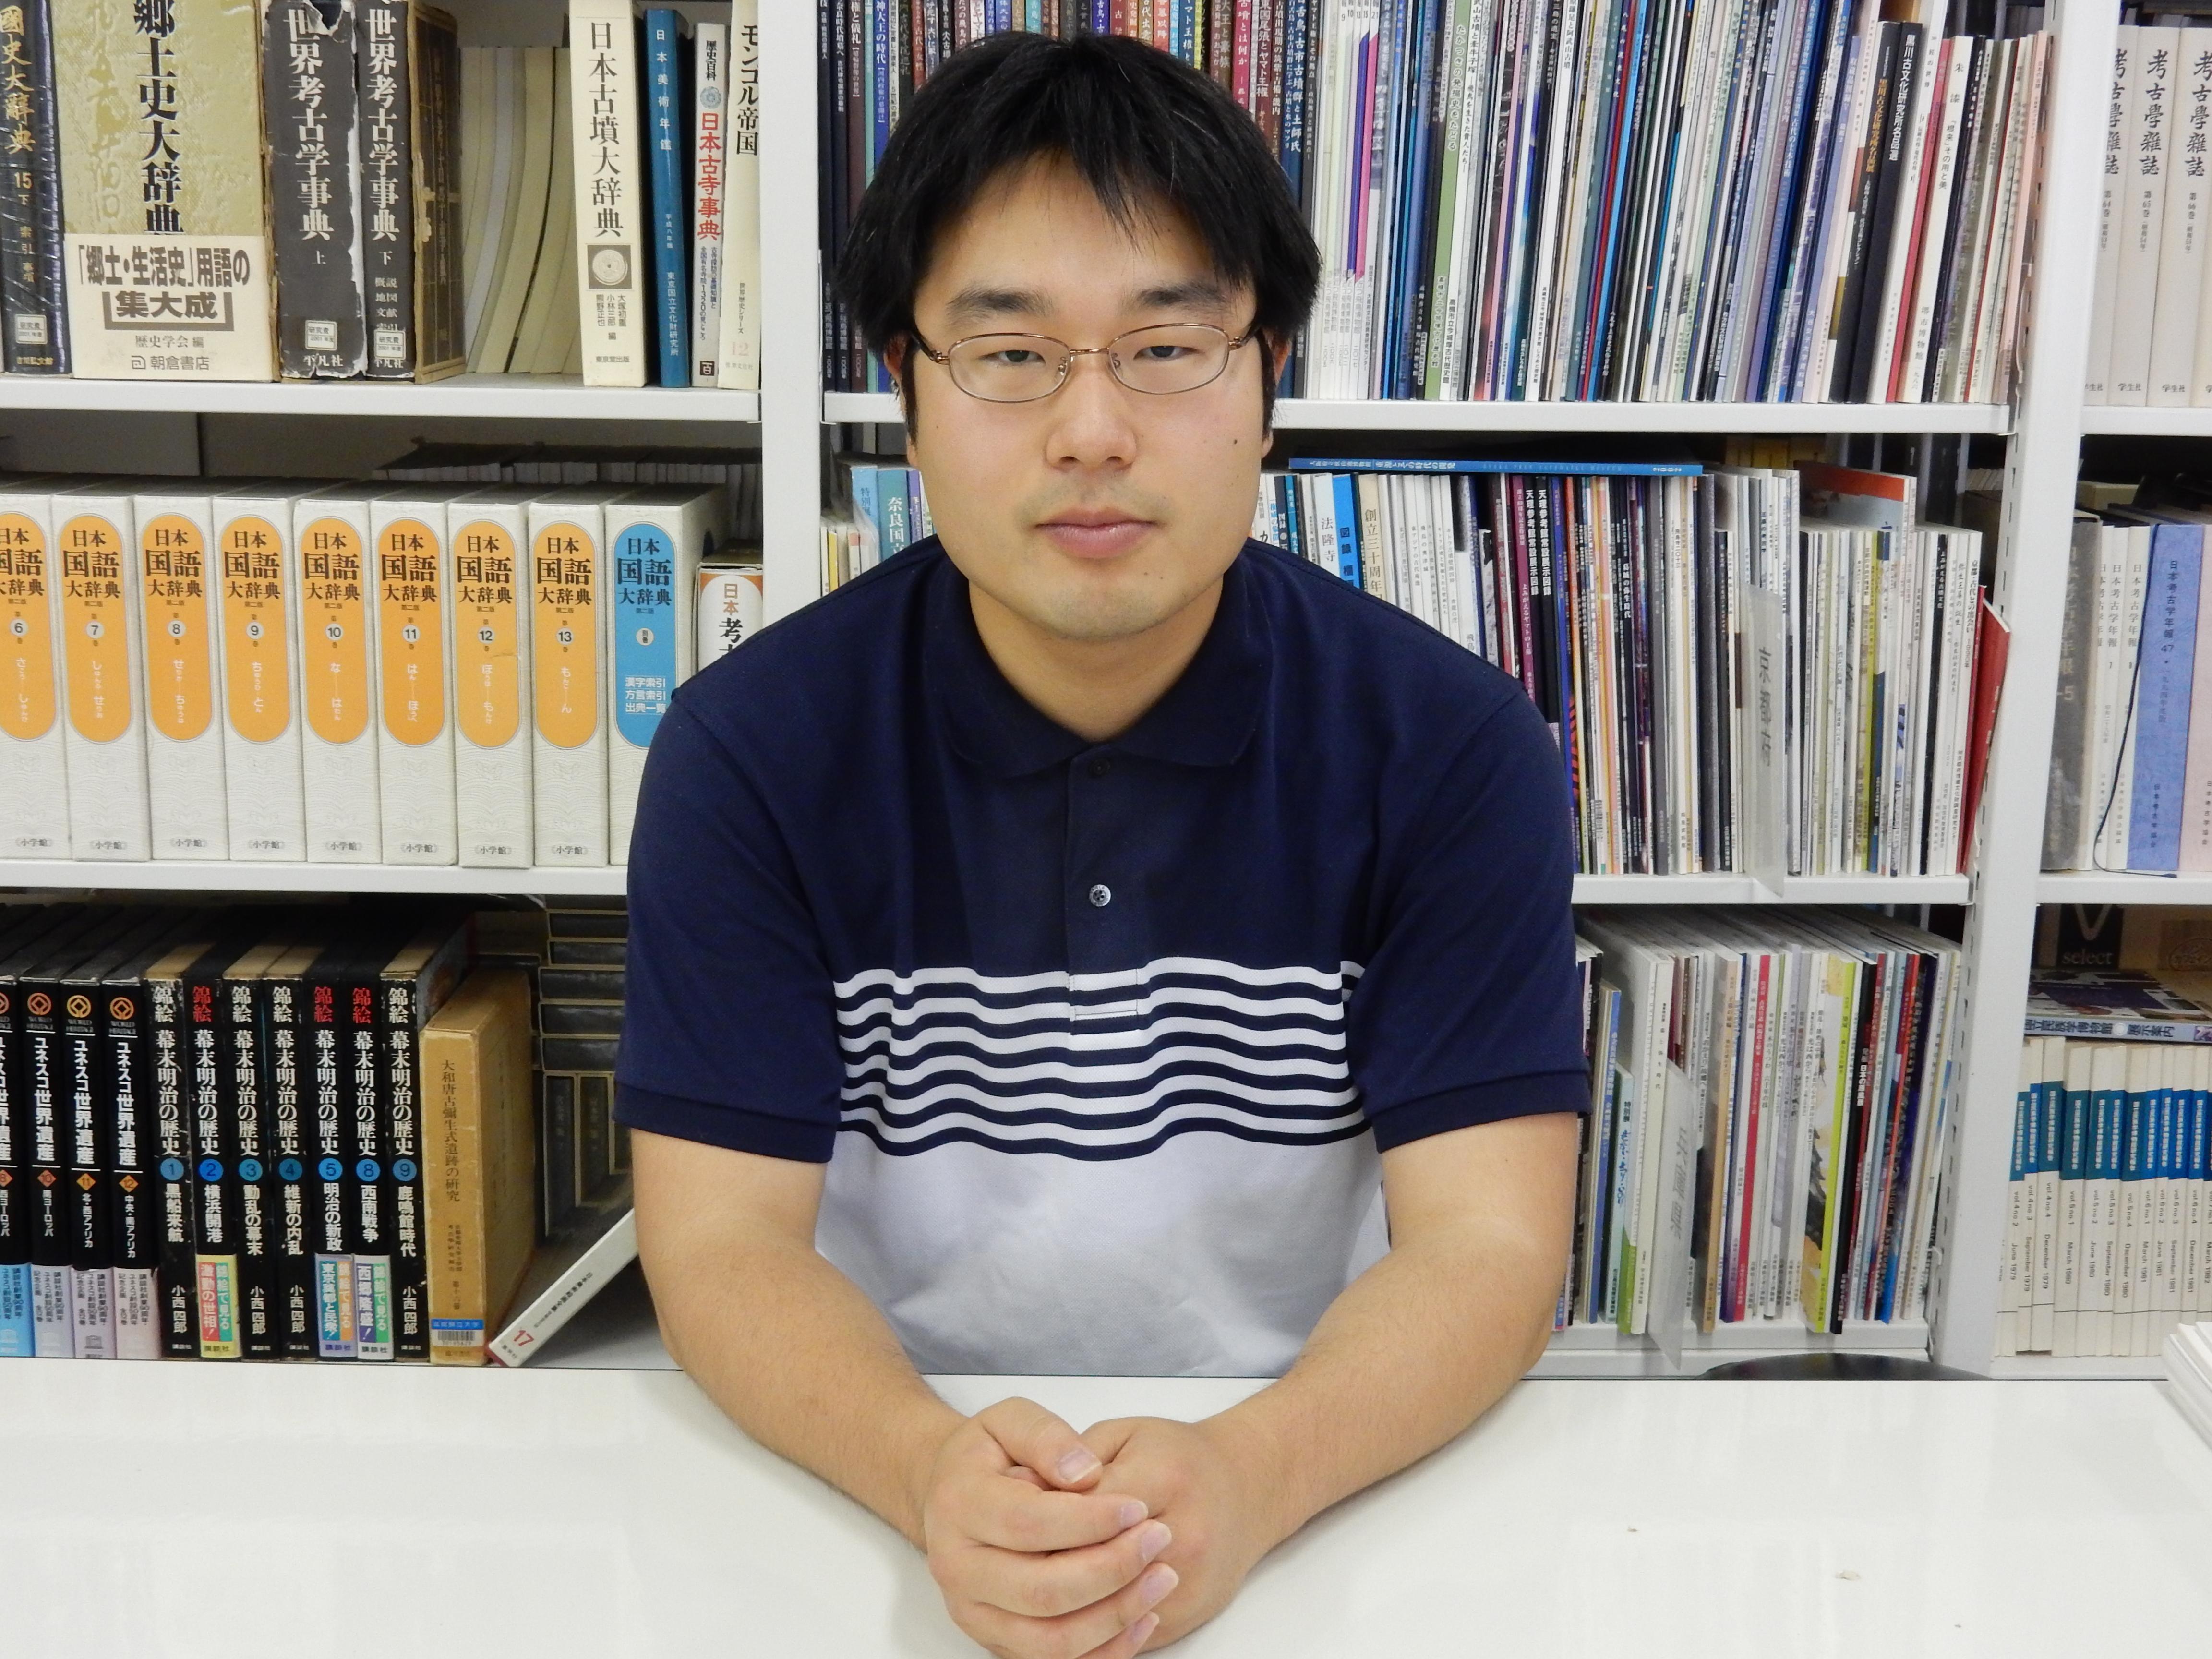 柴田 慎平